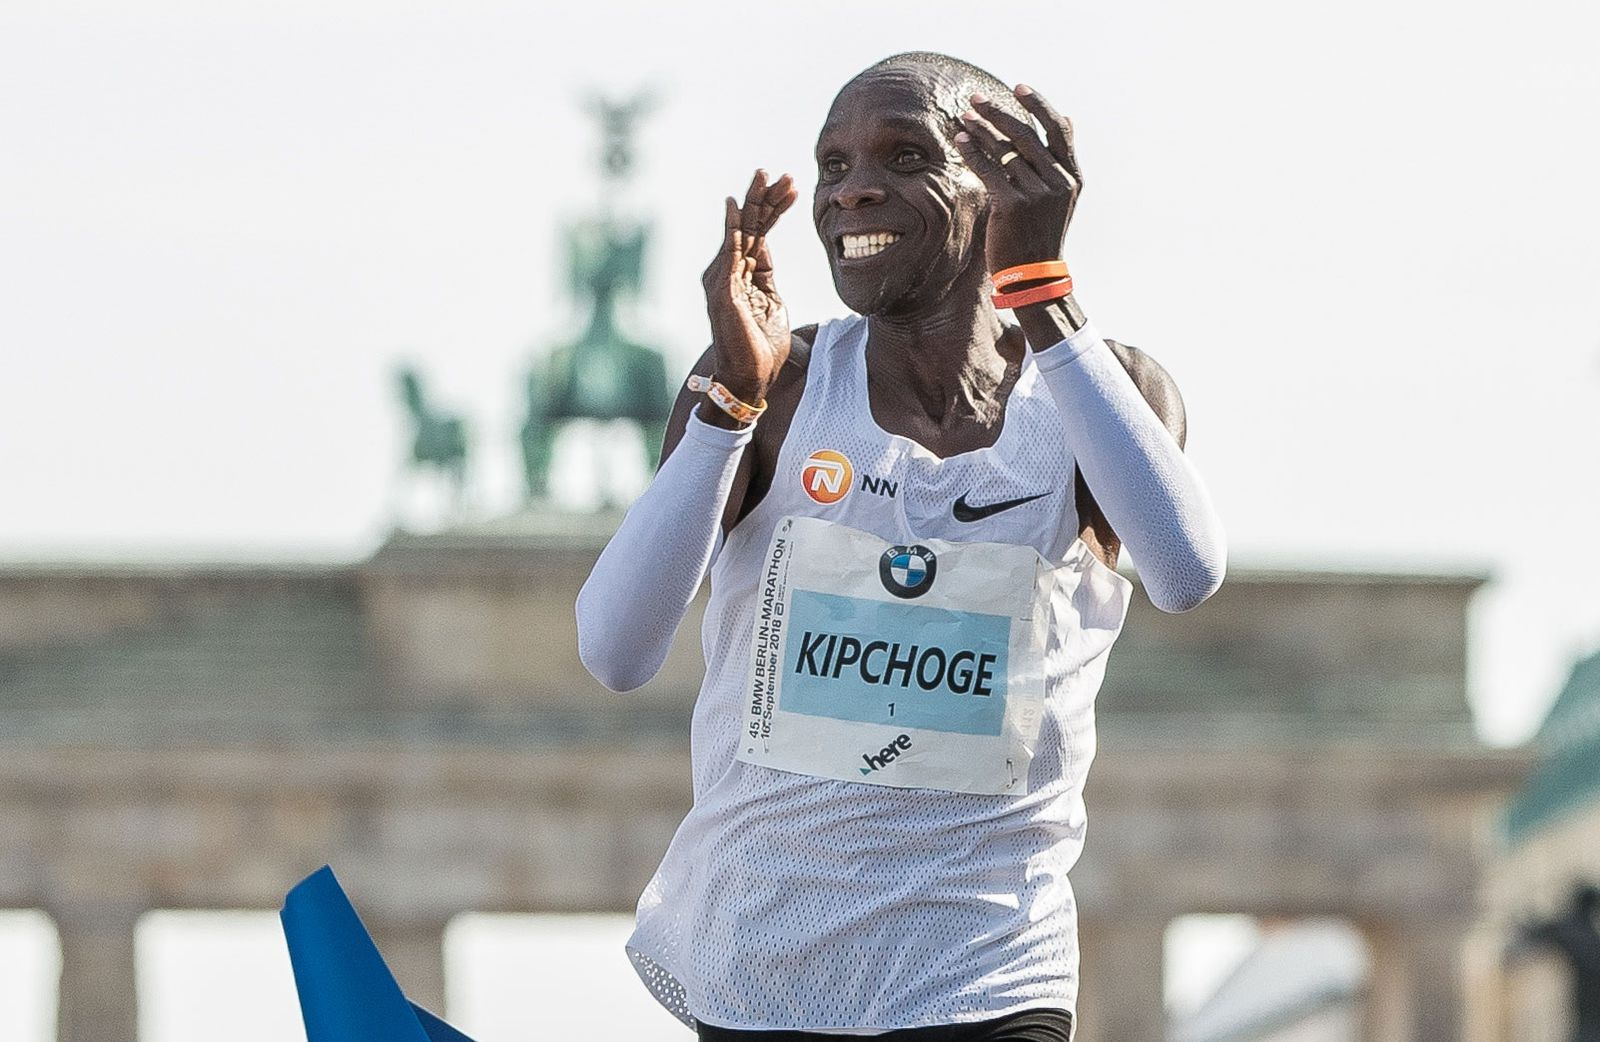 Amazing stats from eliud kipchoges marathon world record